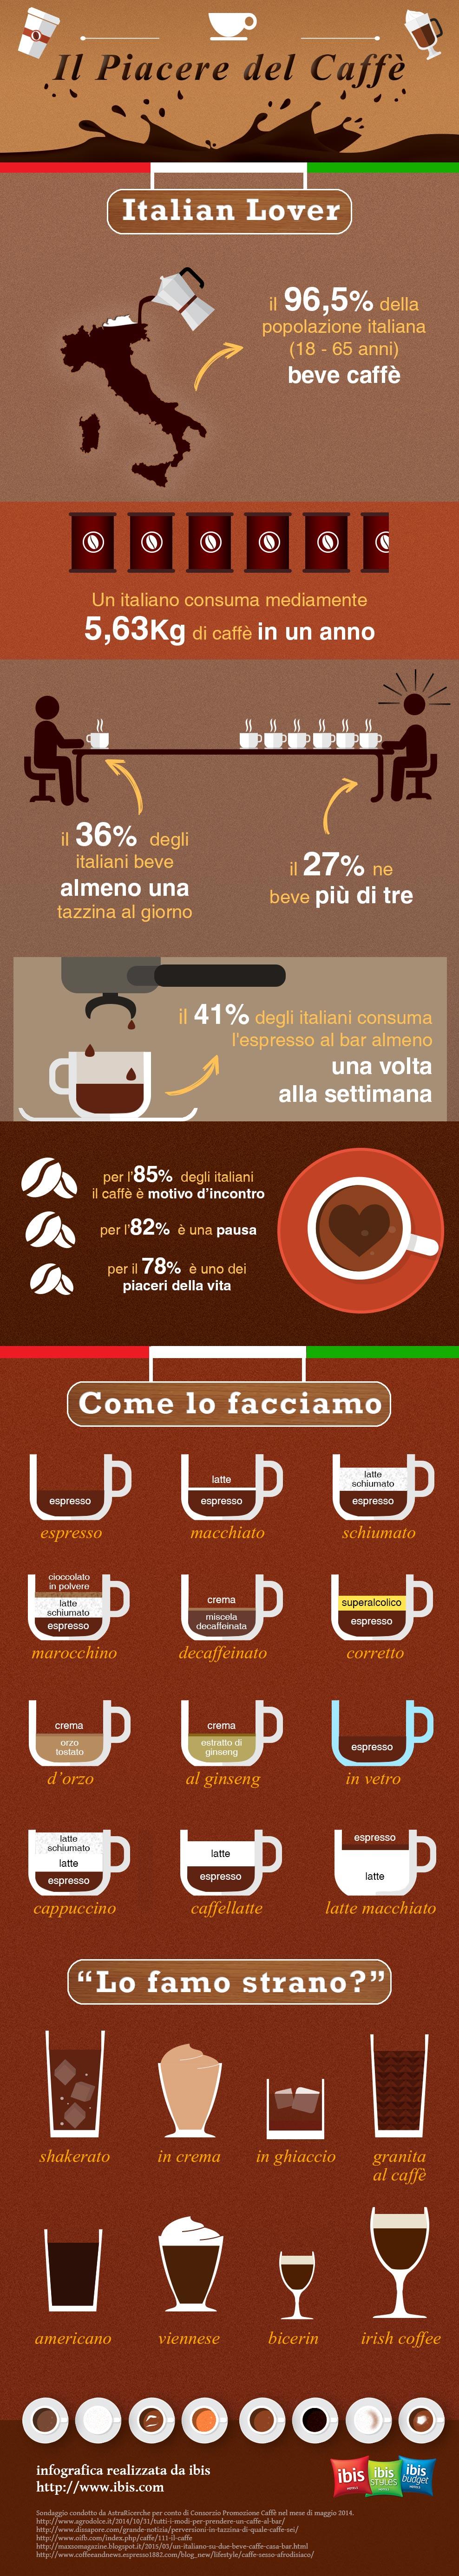 tmp_5626-infografica-caffe-1-1943973949